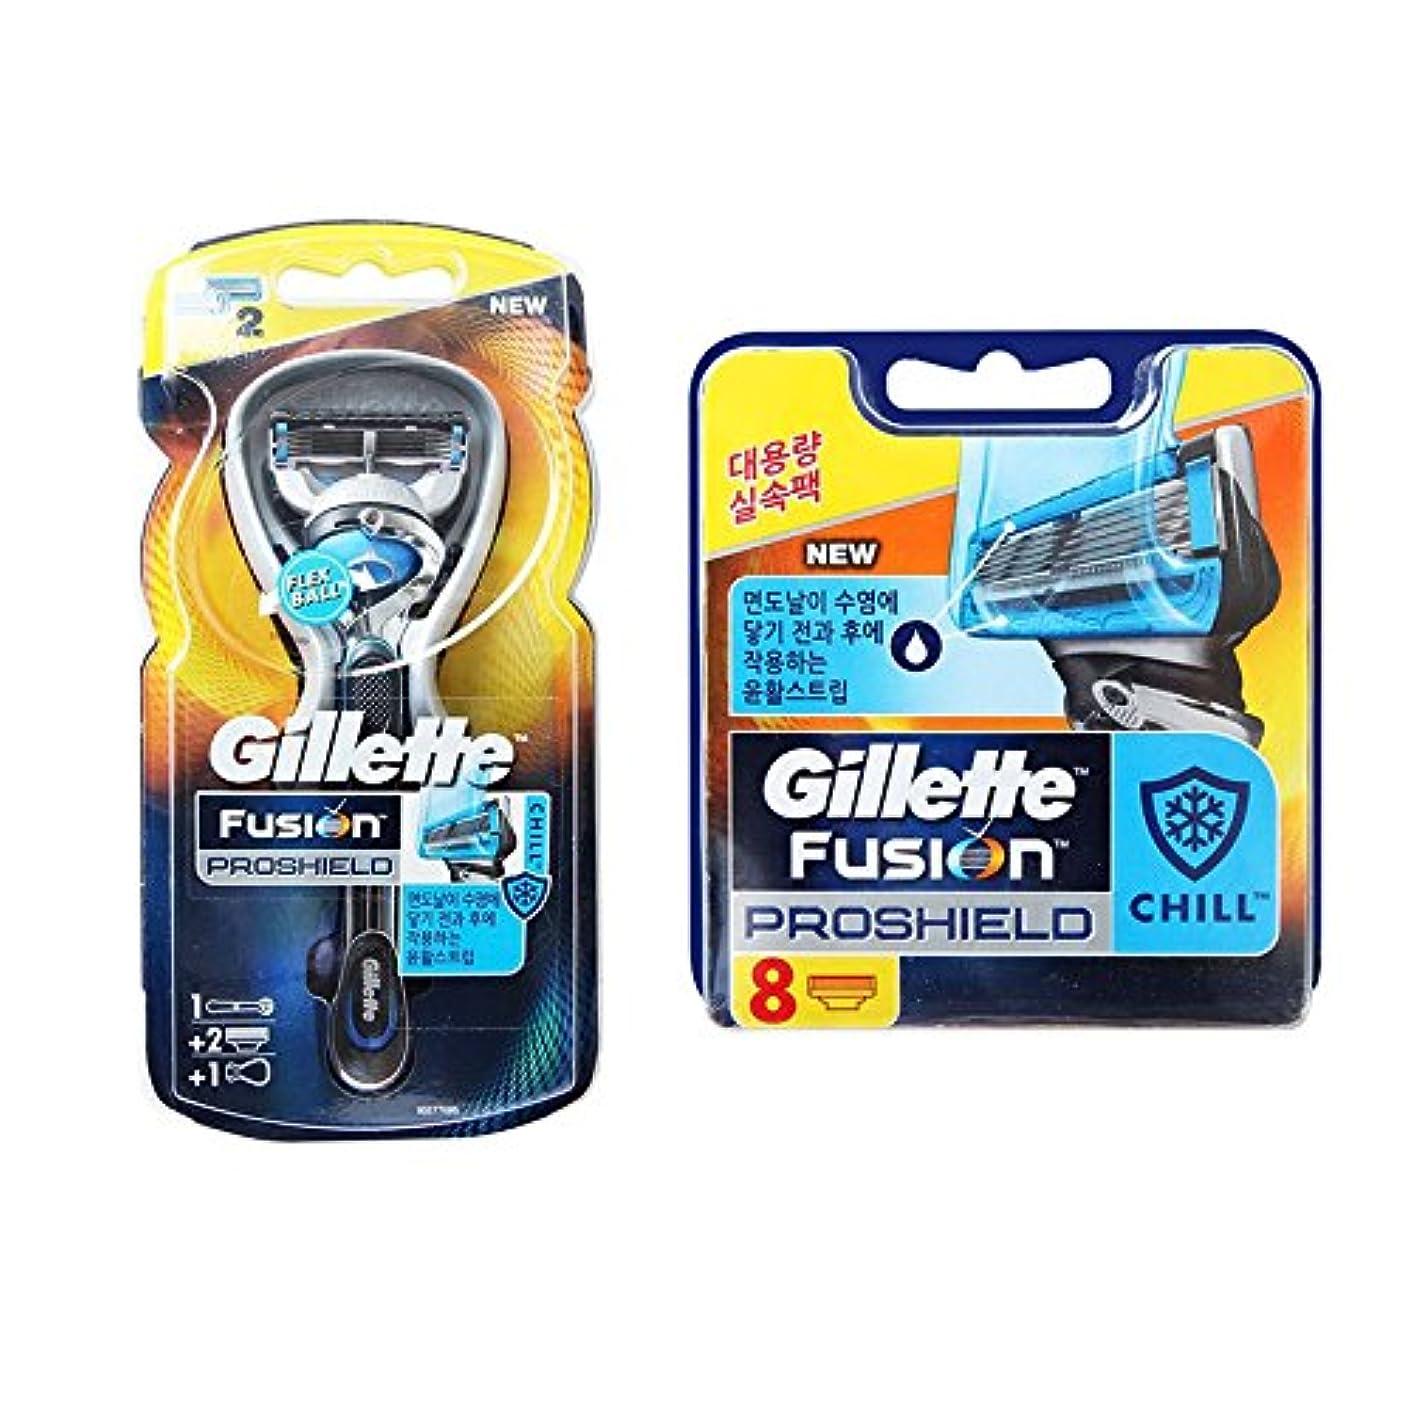 商人傾向がありますプログレッシブGillette Fusion Proshield Chill Blue 1本の剃刀と10本の剃刀刃 [並行輸入品]